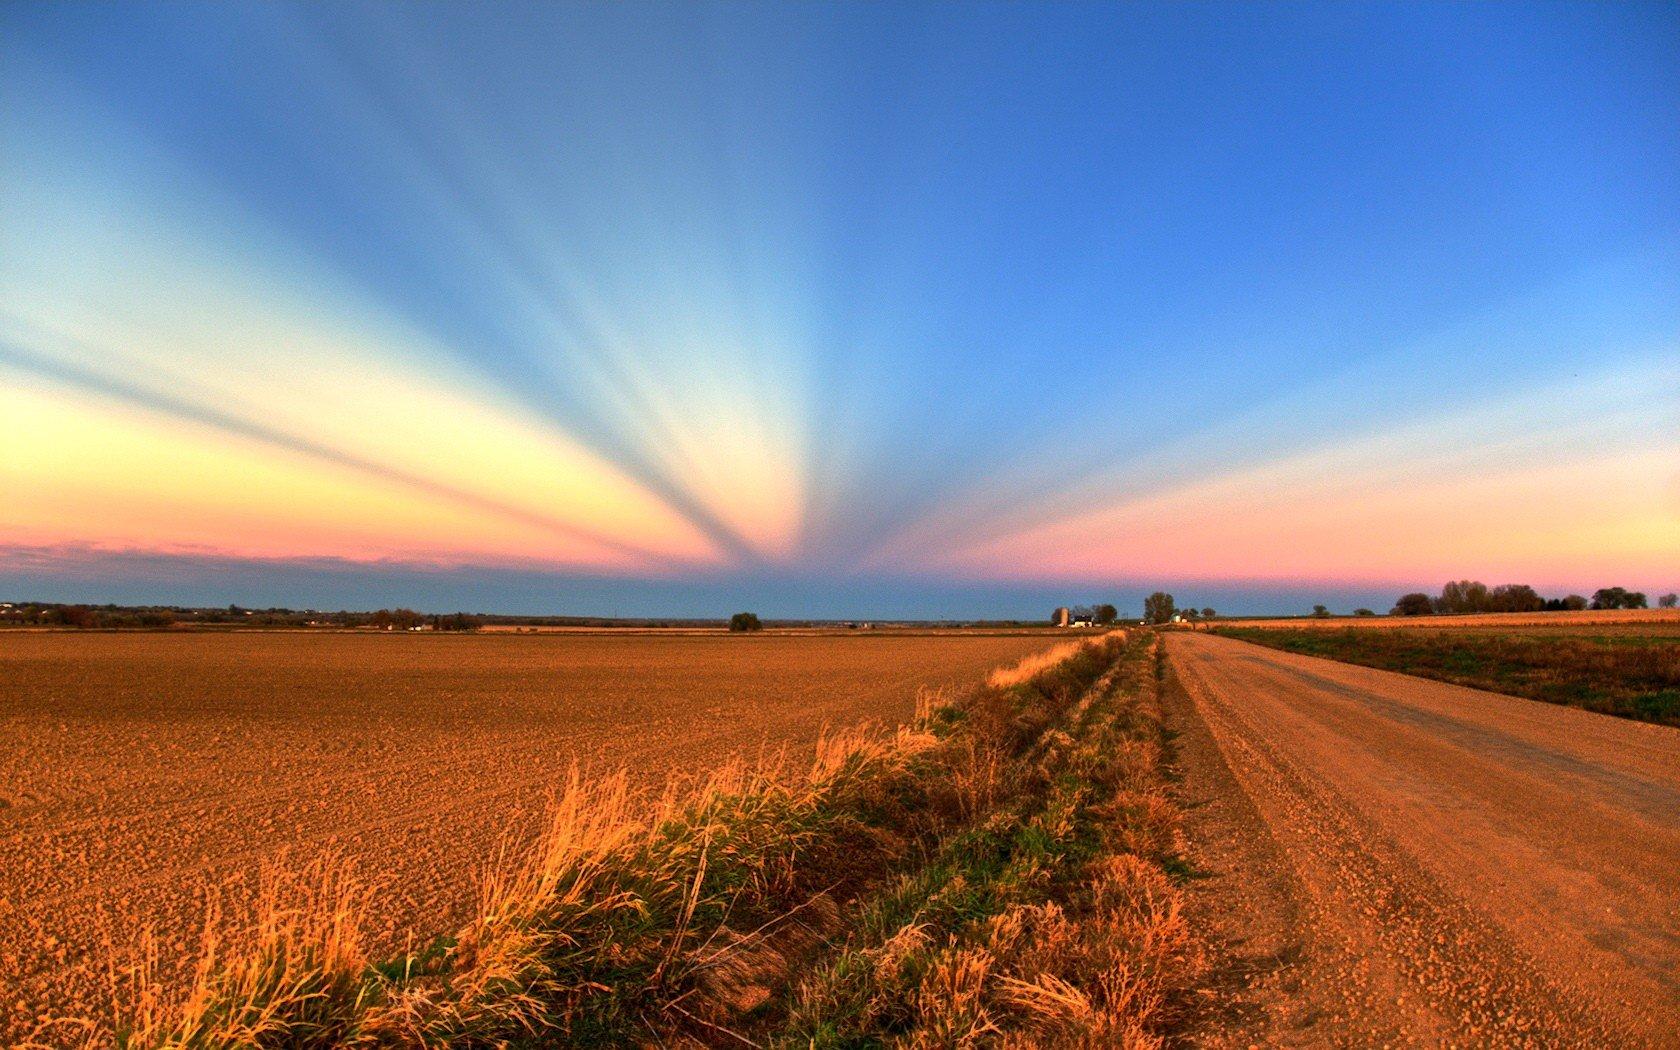 дорога поле закат облака небо без смс